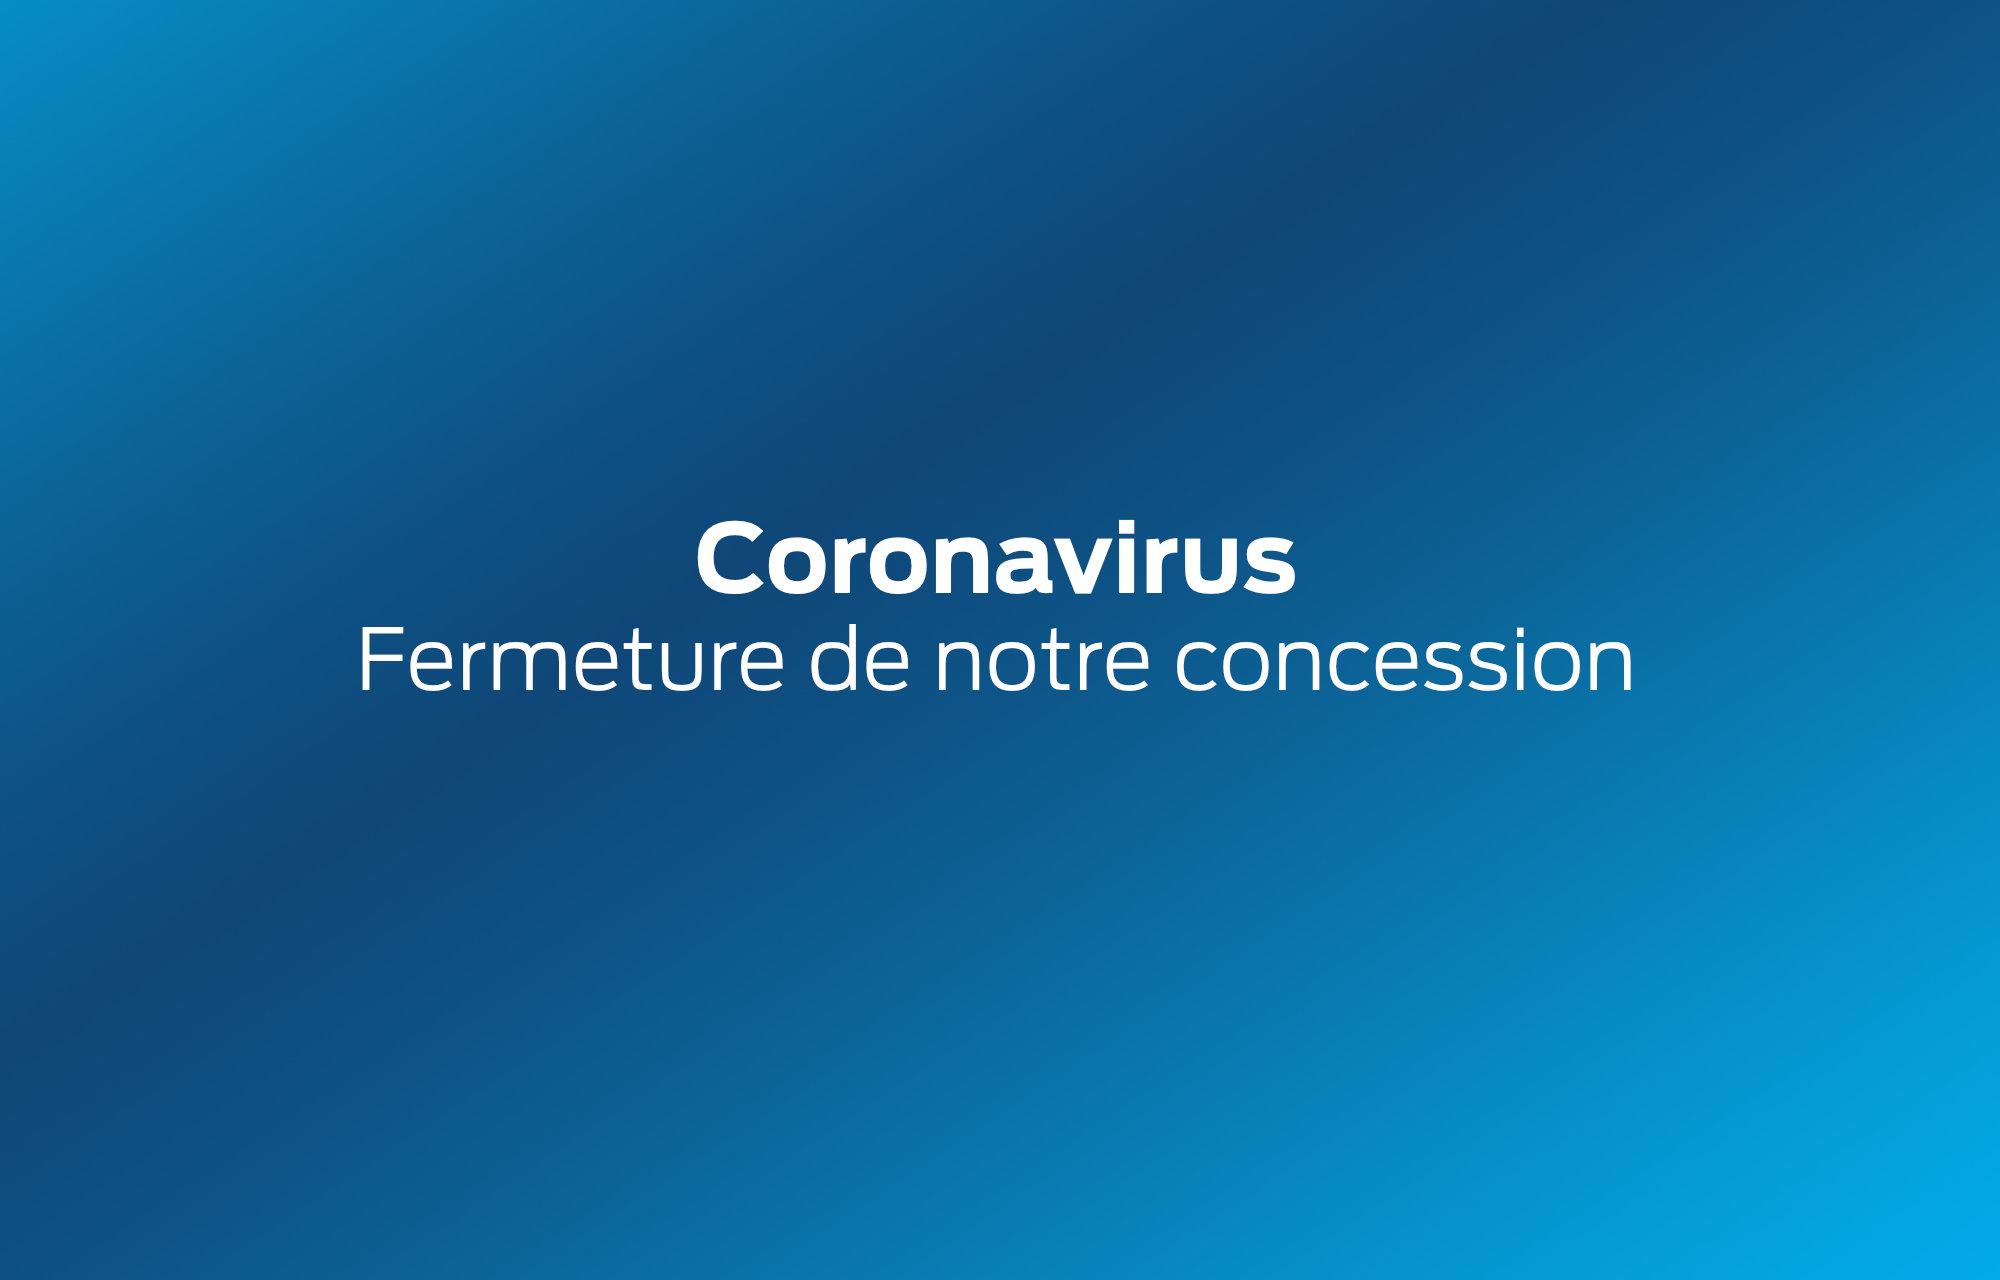 **Coronavirus** : Fermeture temporaire de notre concession